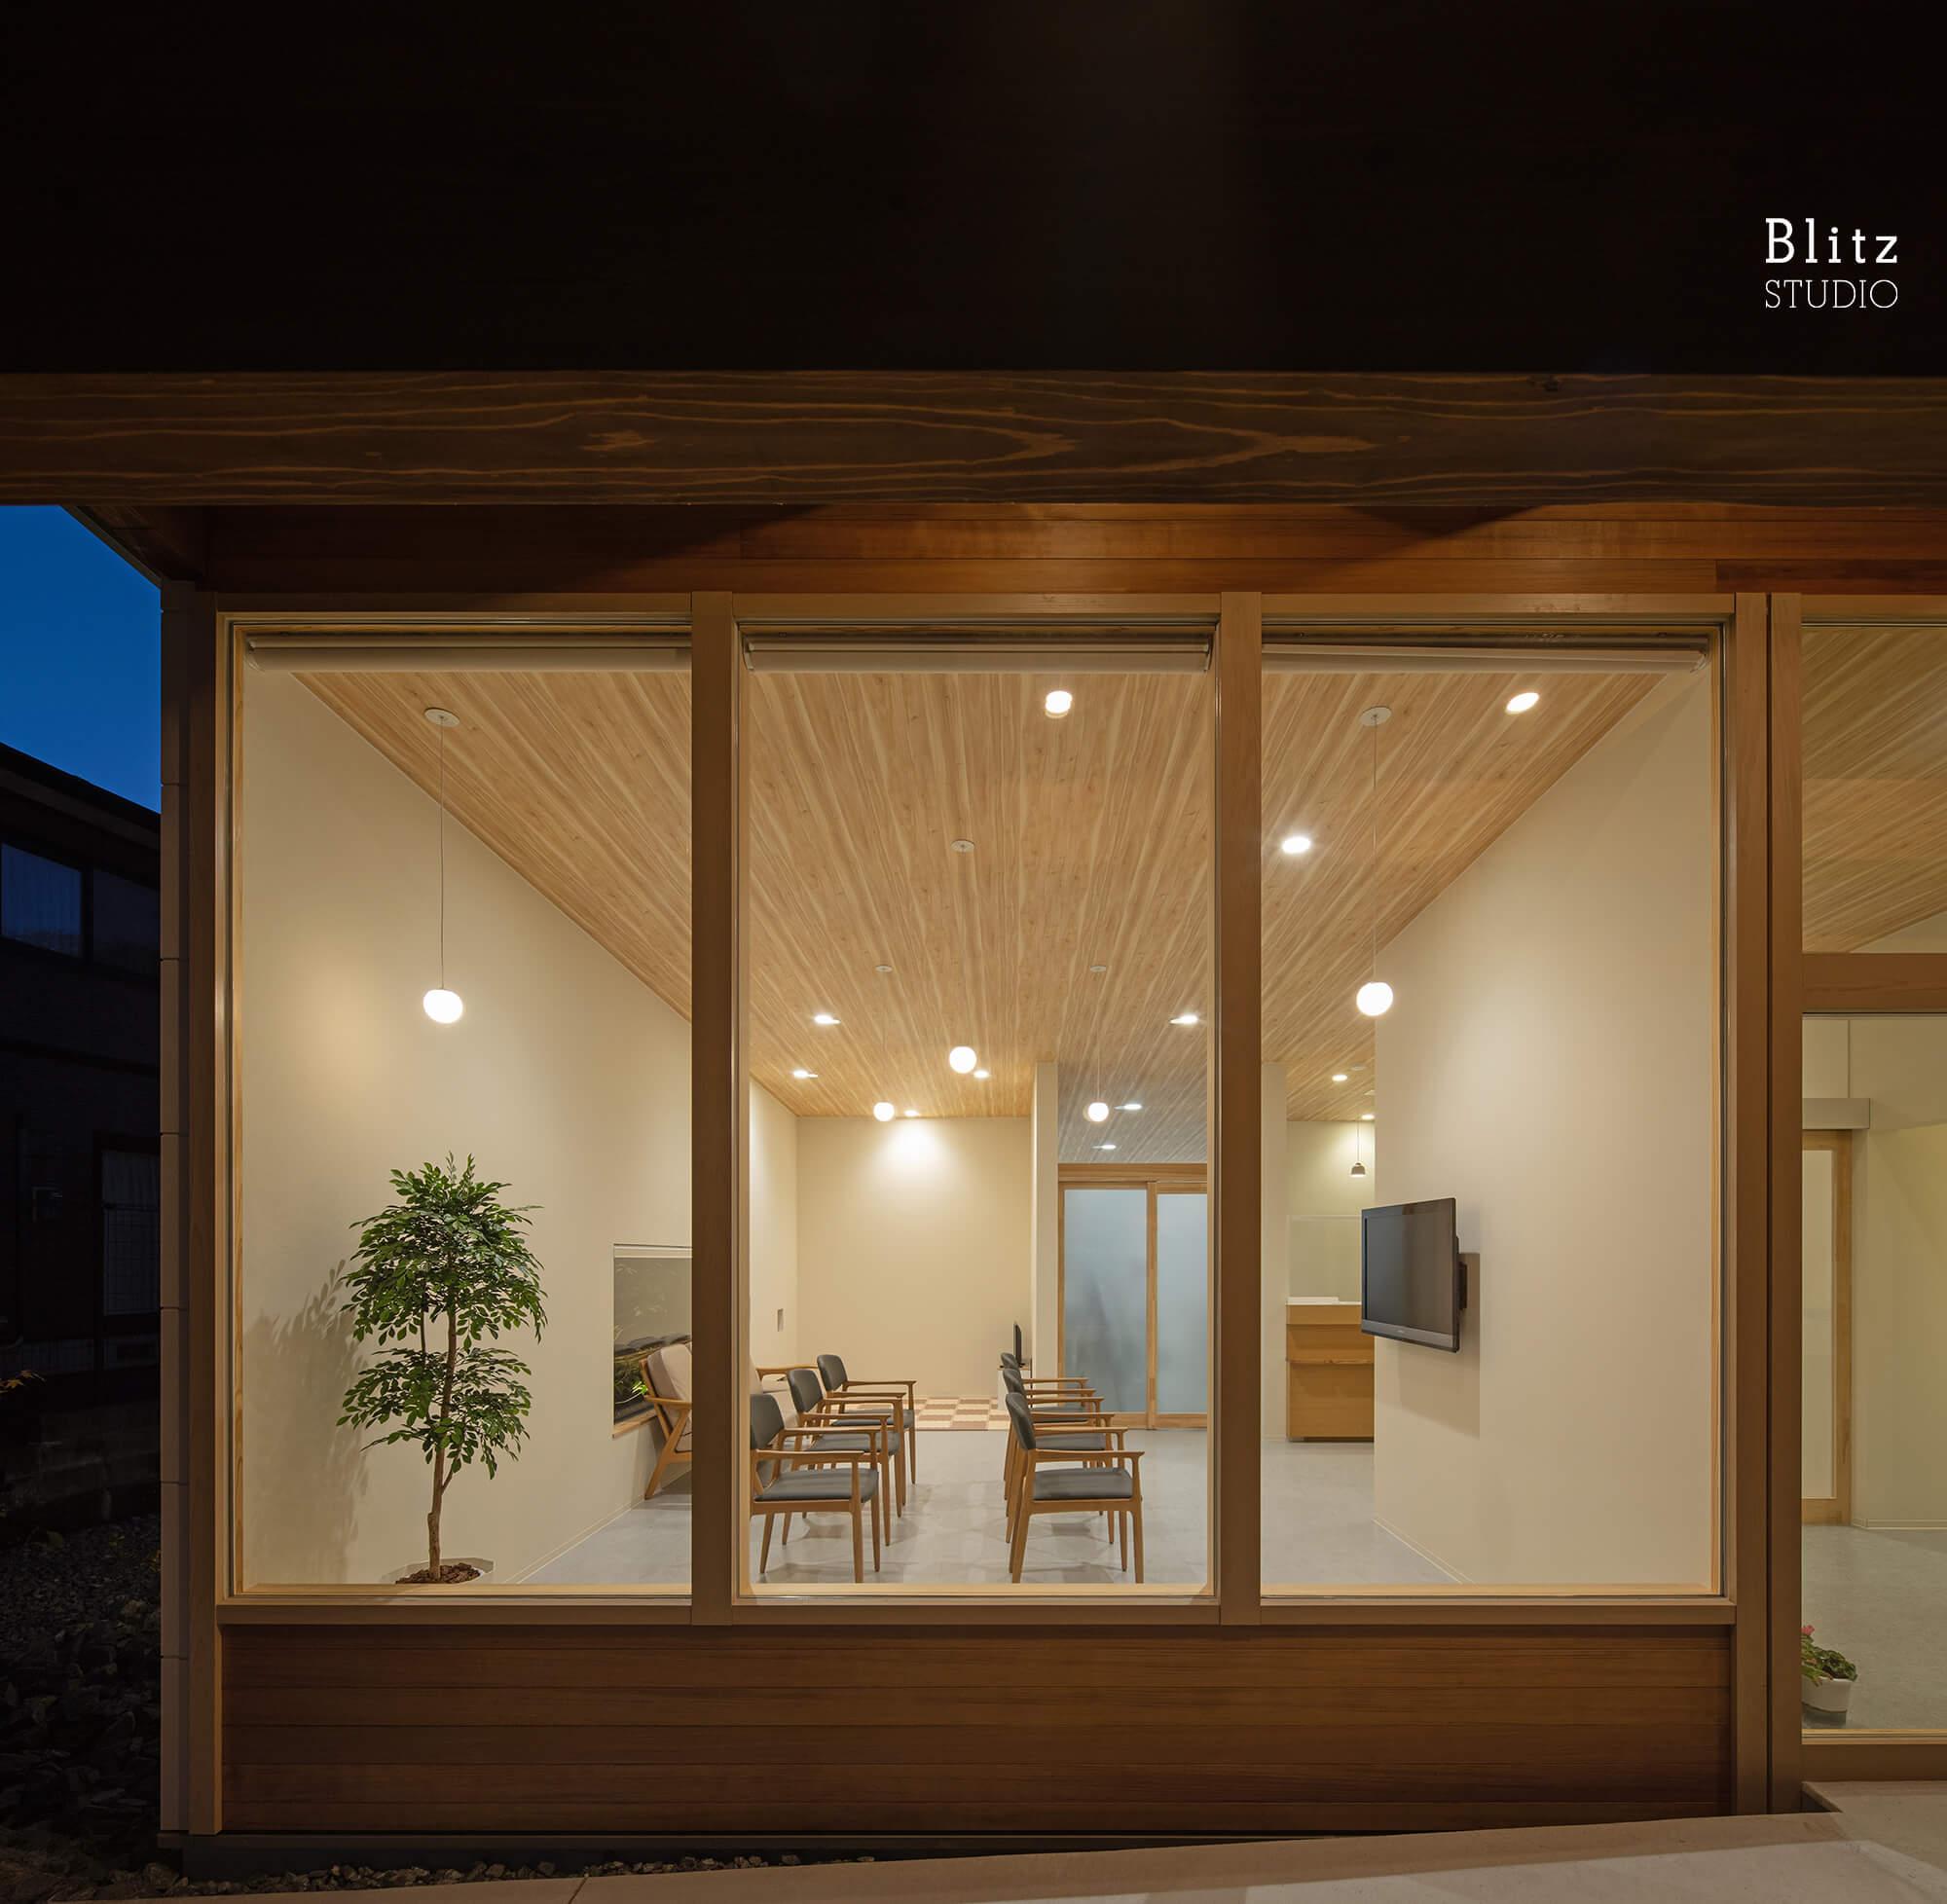 『江藤歯科医院』建築写真・竣工写真・インテリア写真11